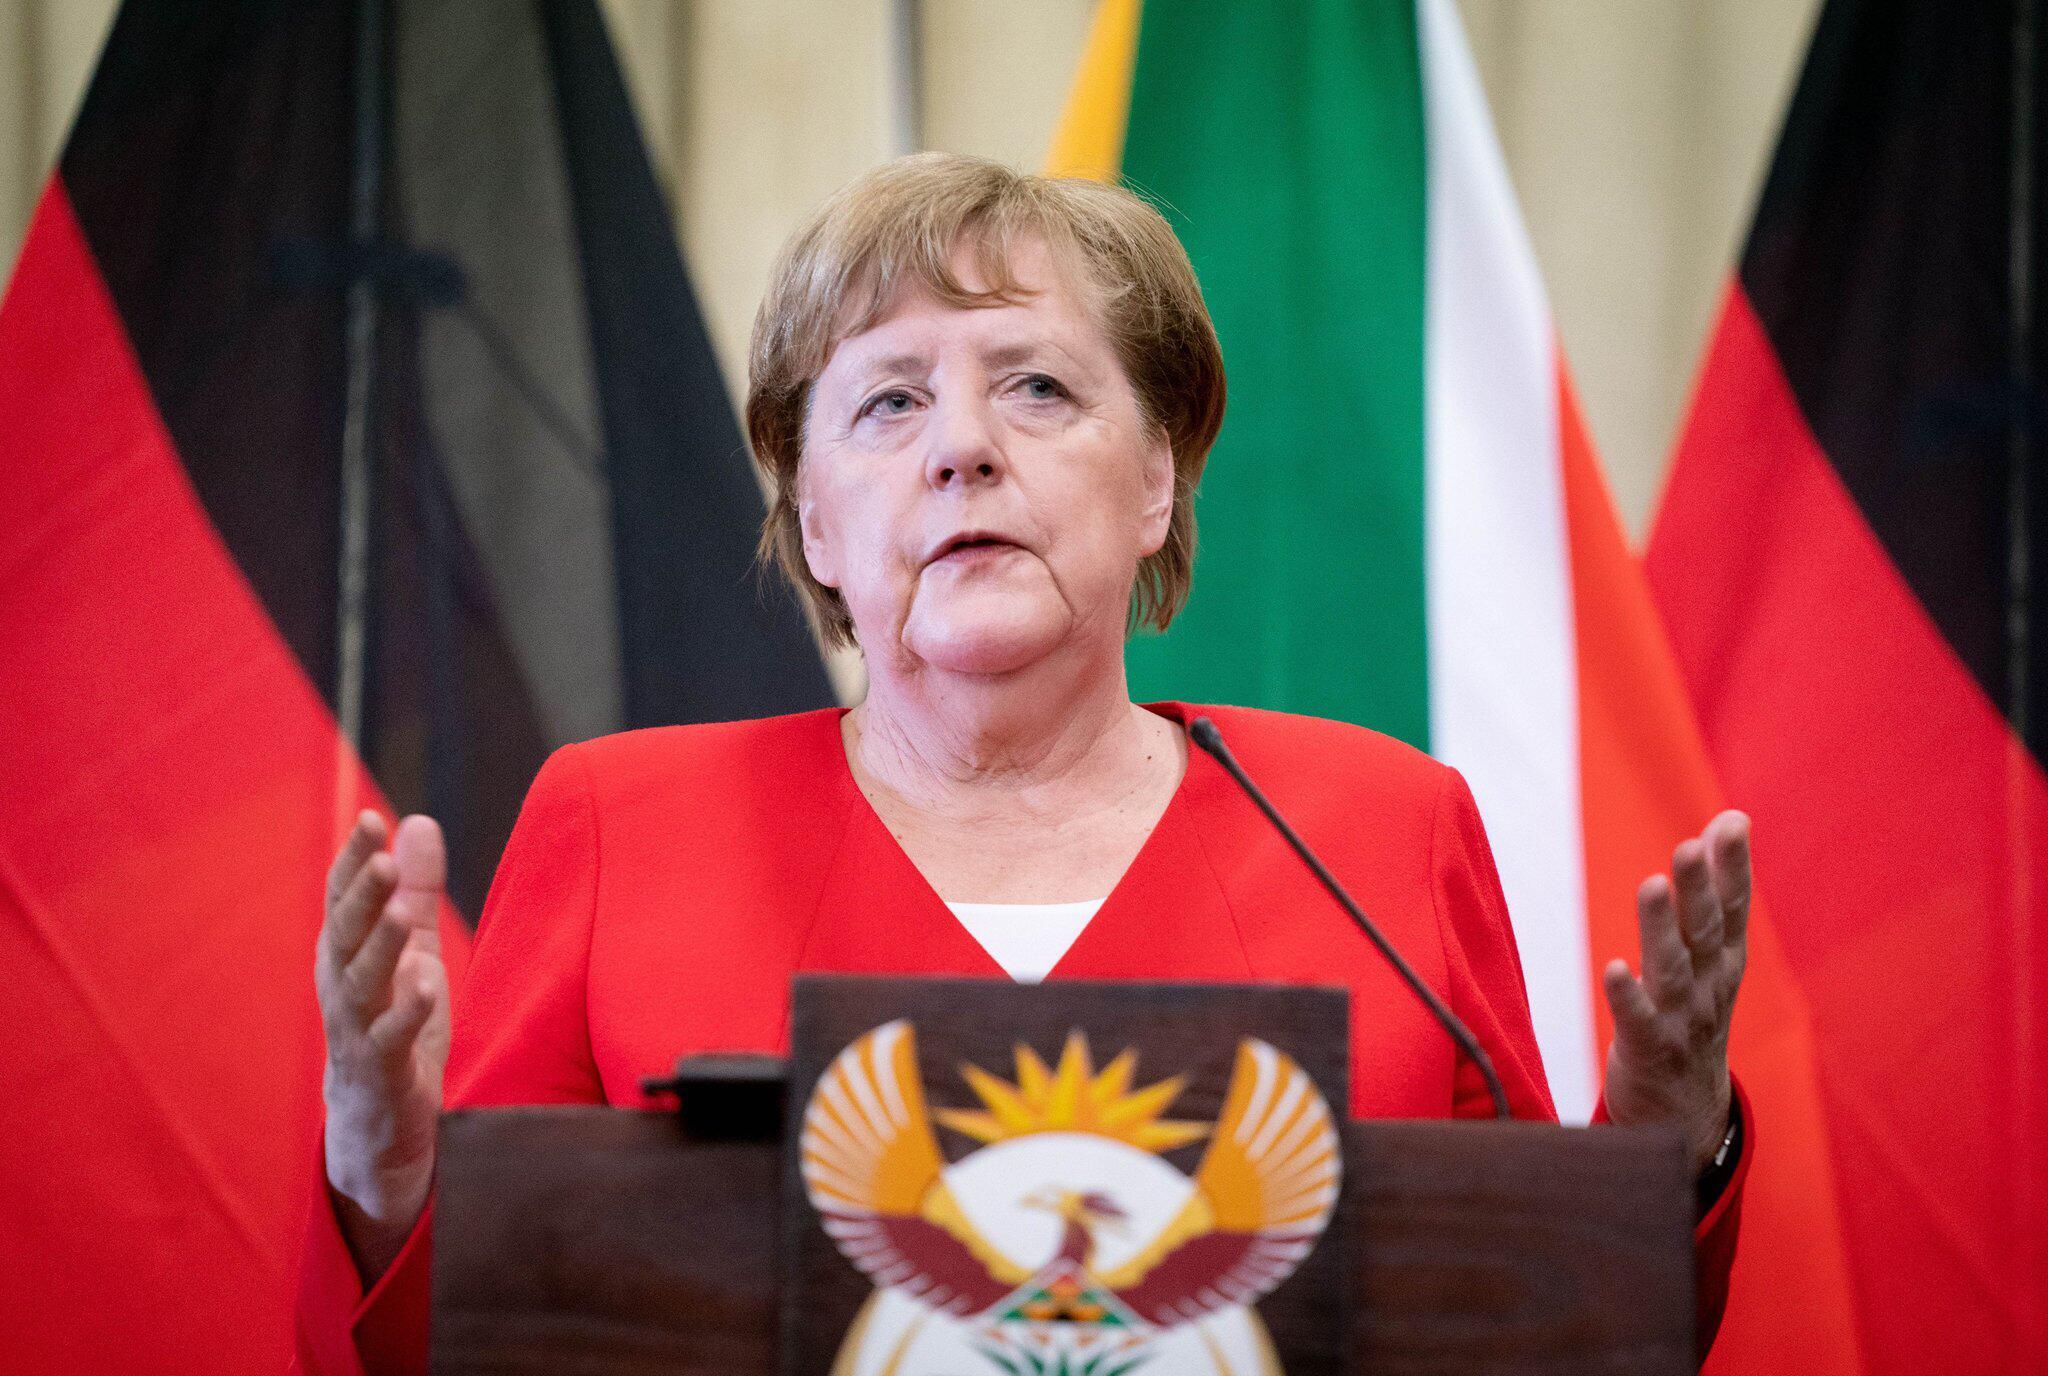 Bild zu Besuch der Kanzlerin Angela Merkel in Südafrika